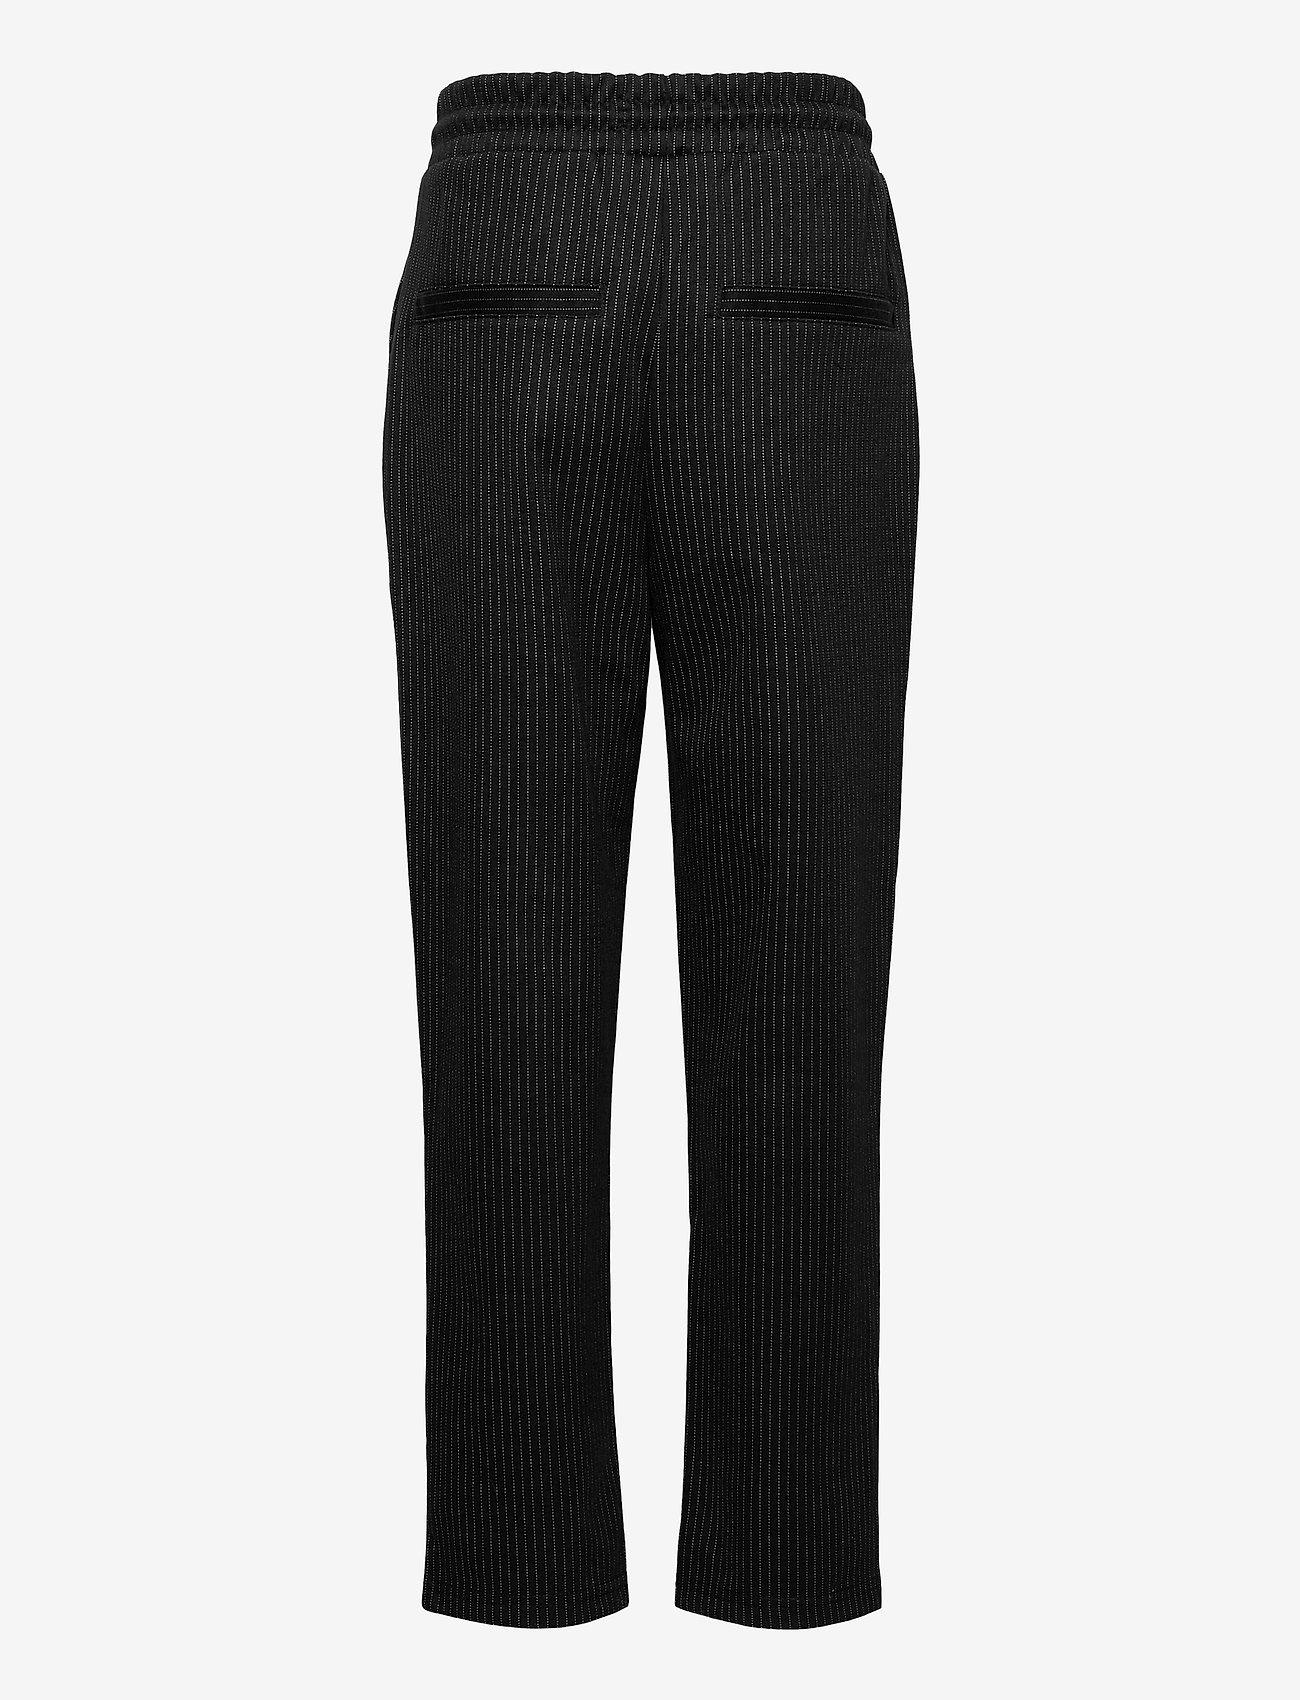 LMTD - NLMTEO REG PANT - trousers - black - 1